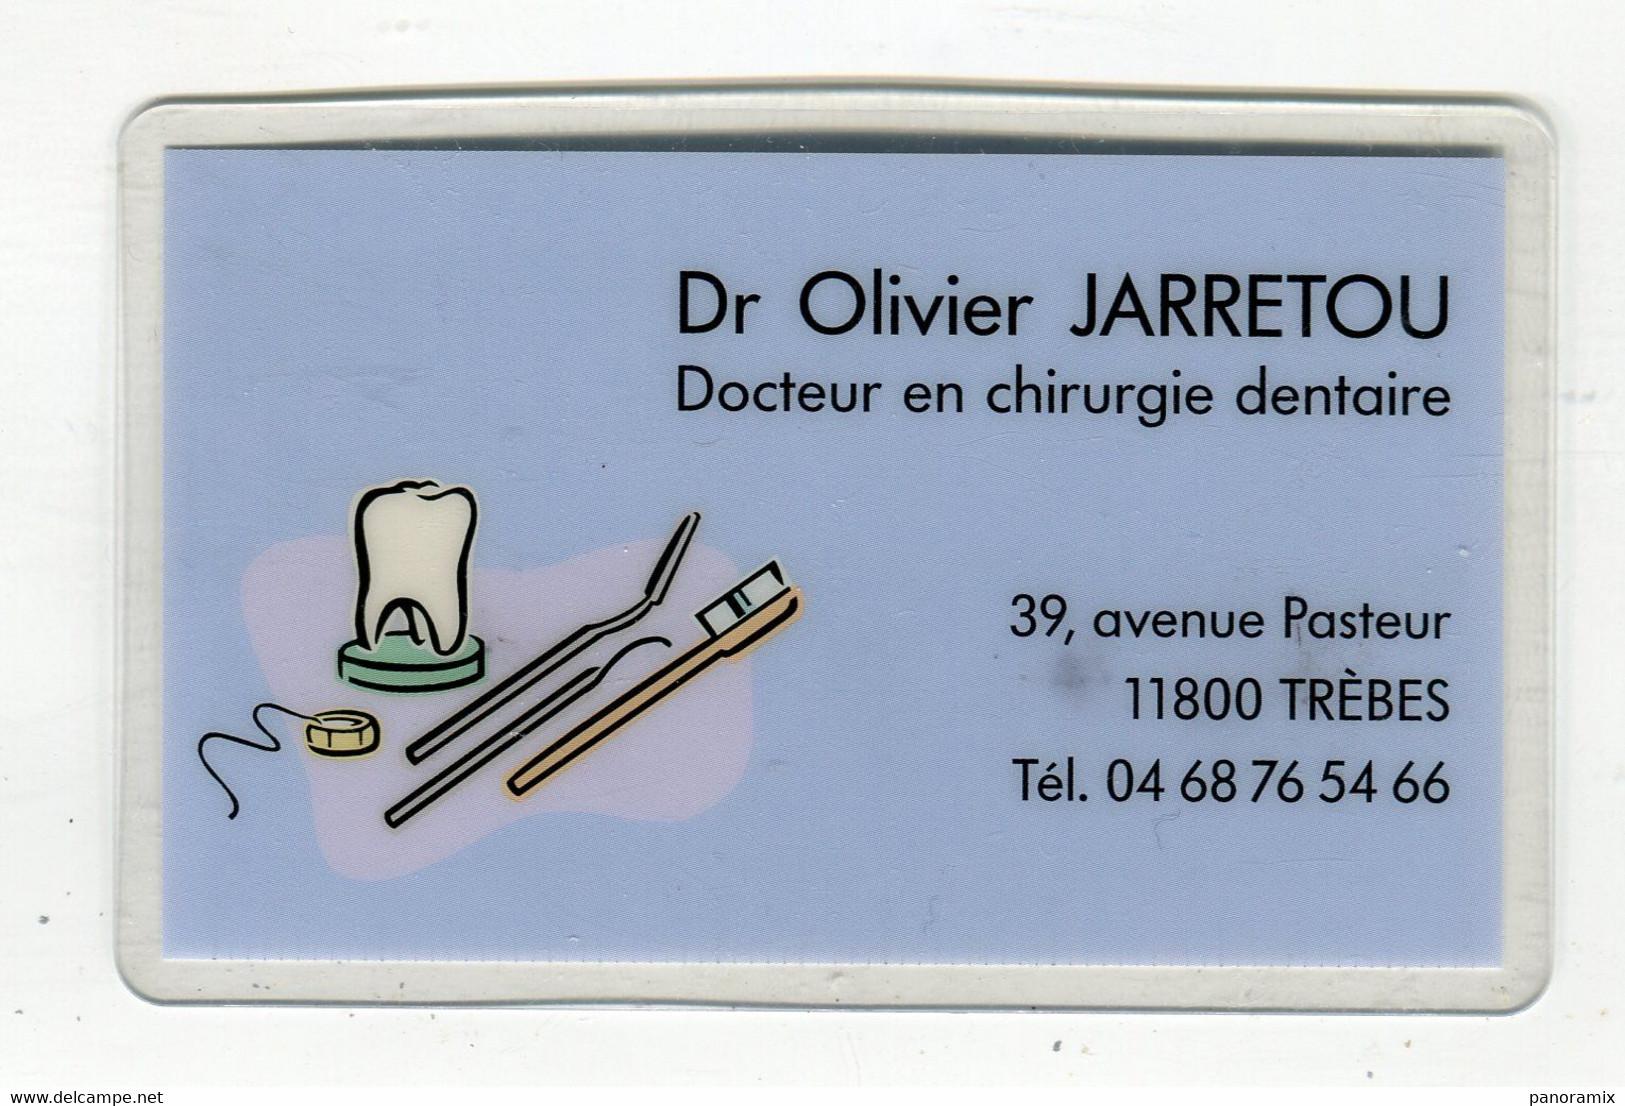 Carte De Visite °_ Plastique-Dentiste-Olivier-11 Trèbes-Verso Cal Poche 2009 °°° R/V - Visiting Cards